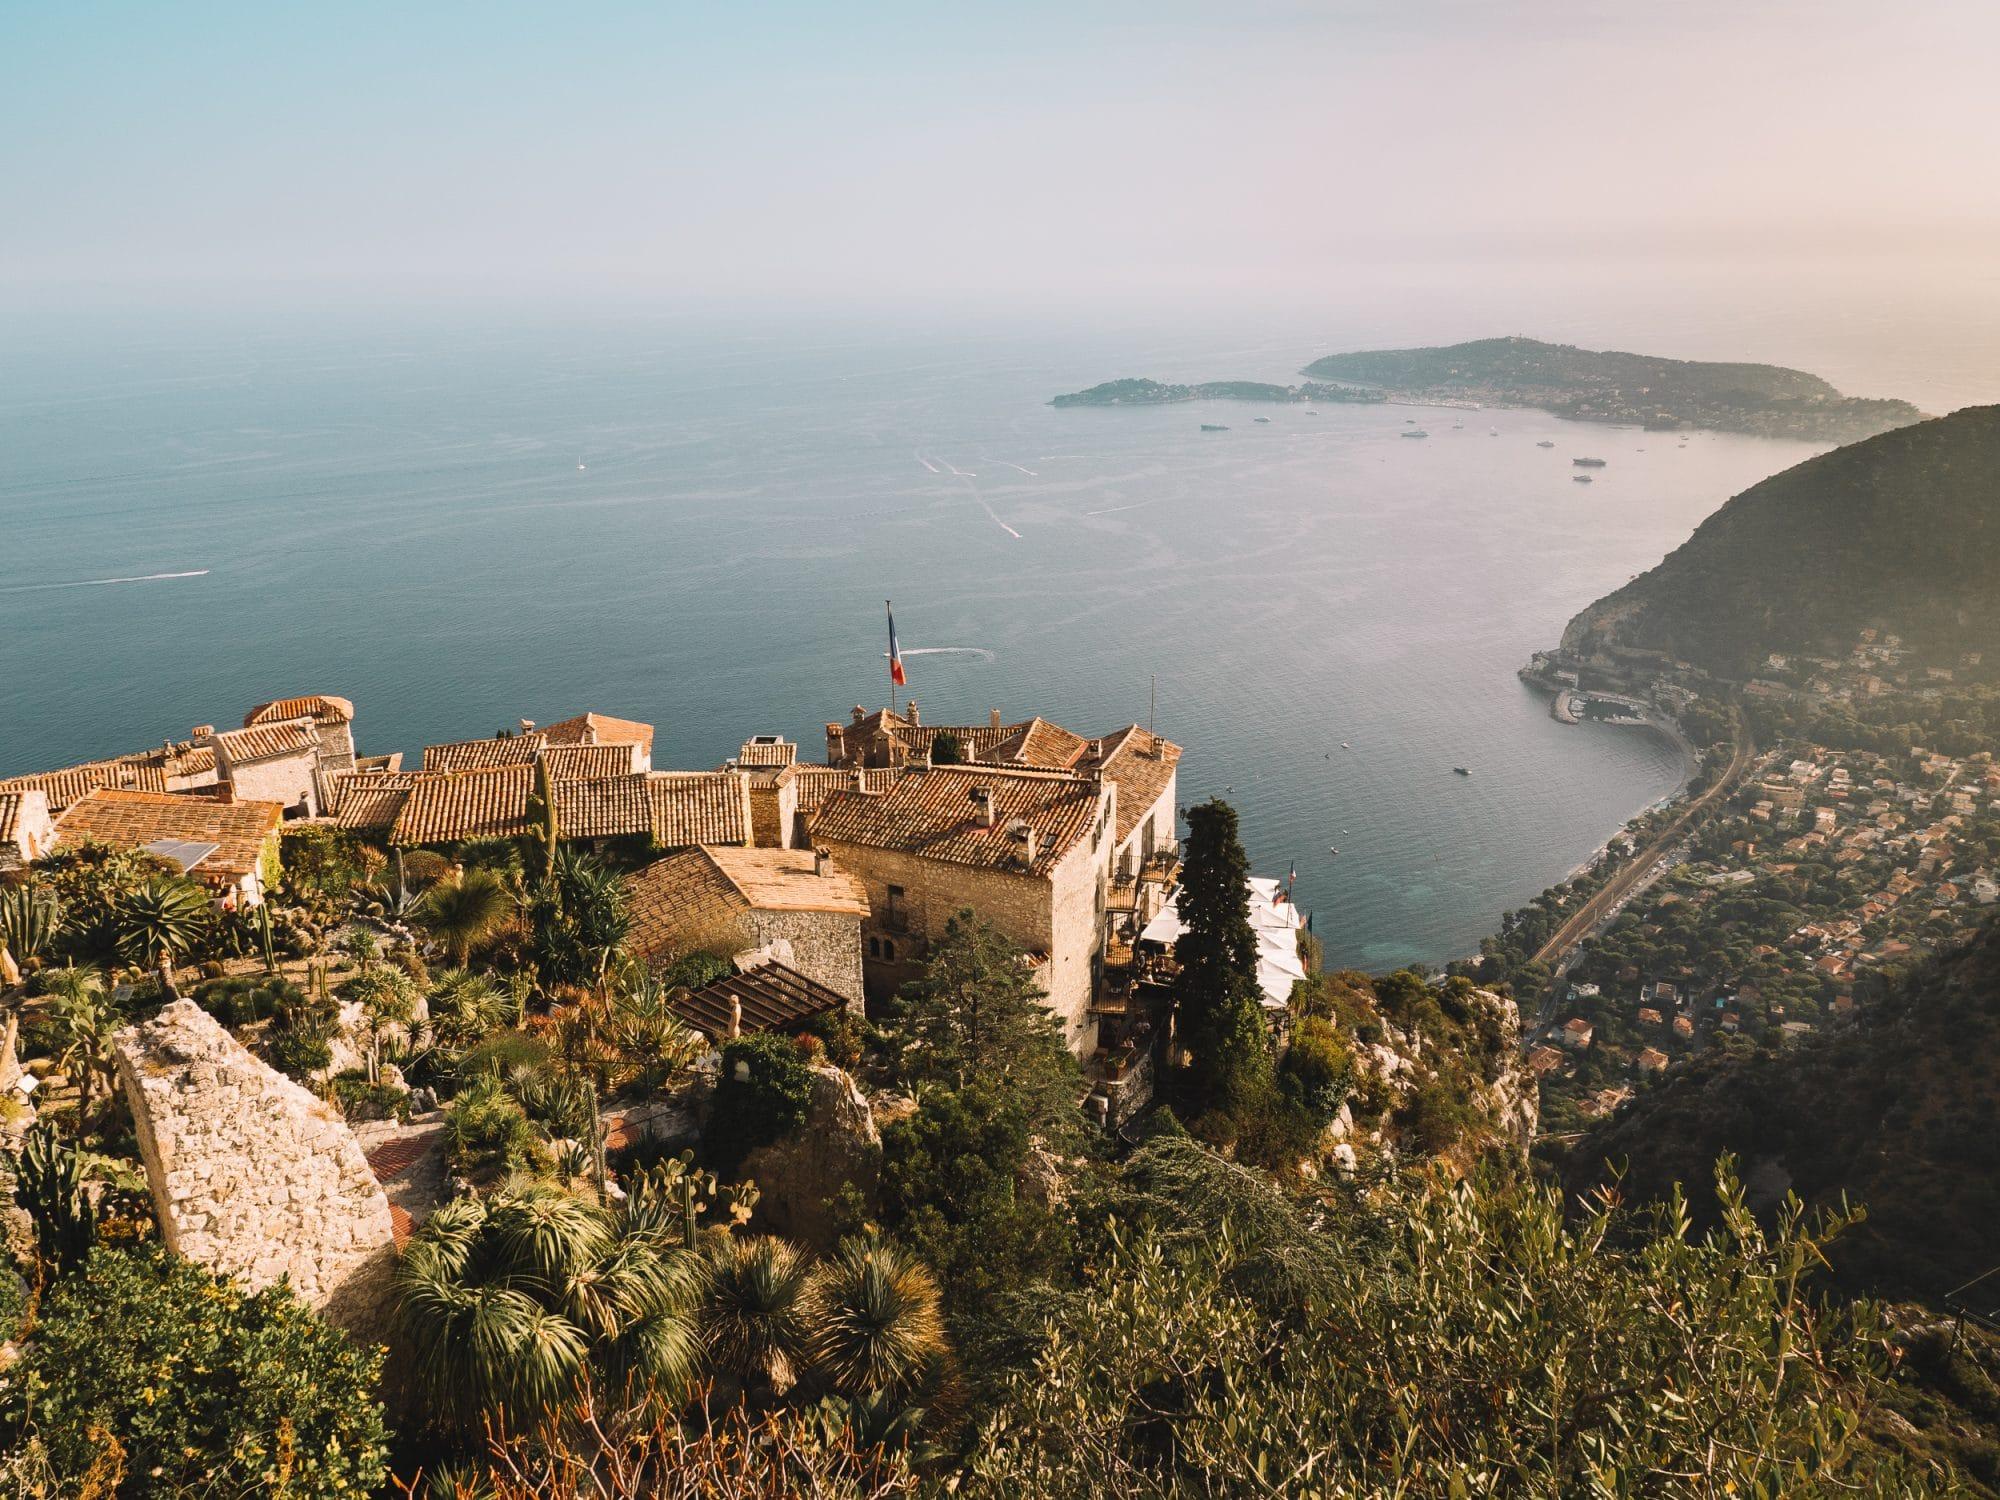 Image Séjour dans le coeur de la French Riviera | 5 jours entre terre et mer